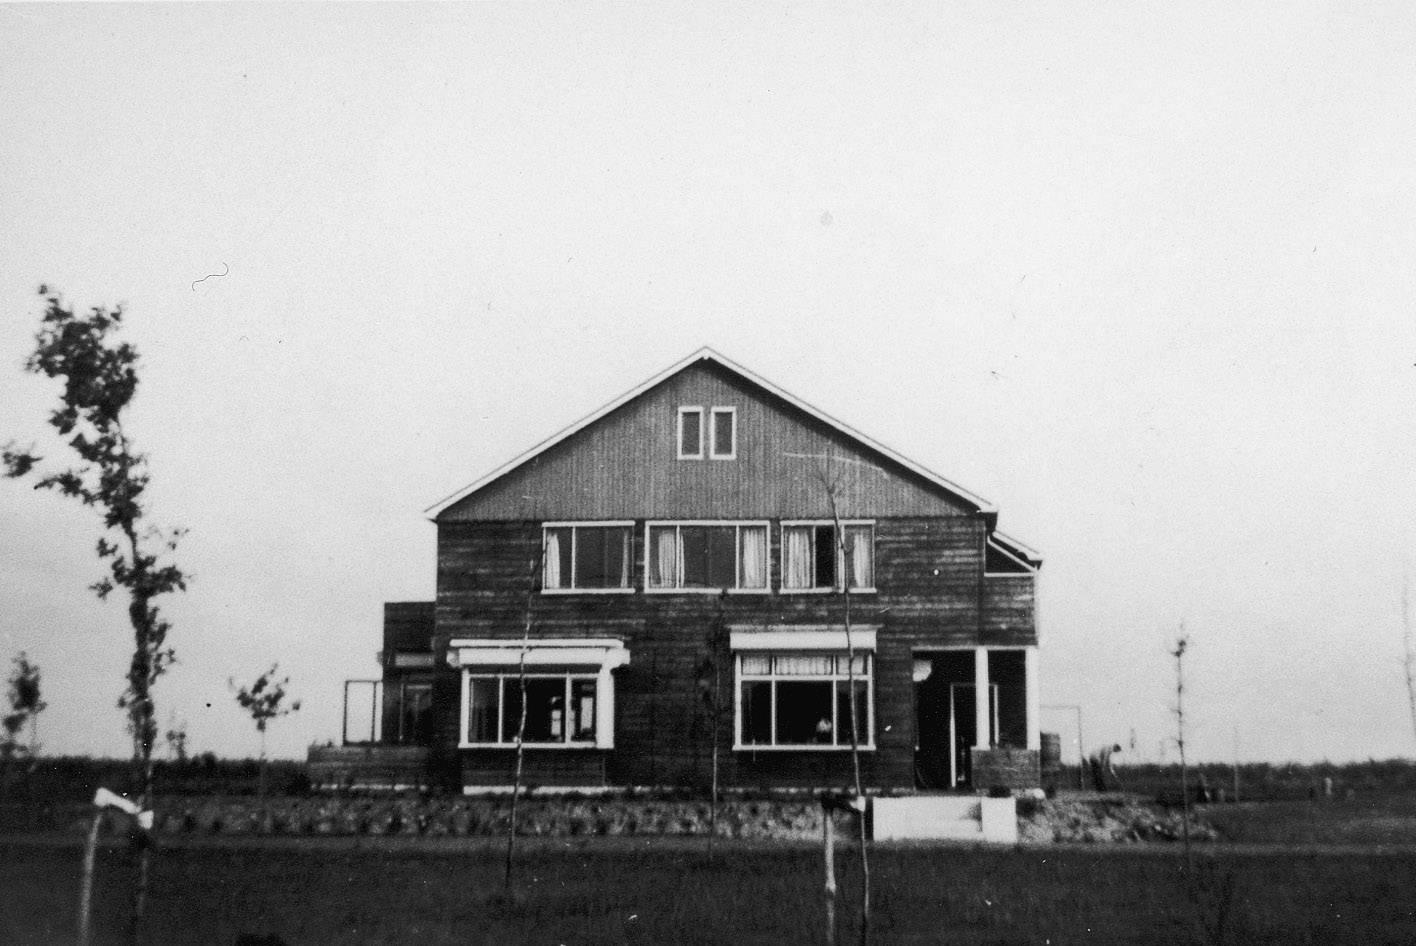 De commandantswoning van kamp Westerbork.